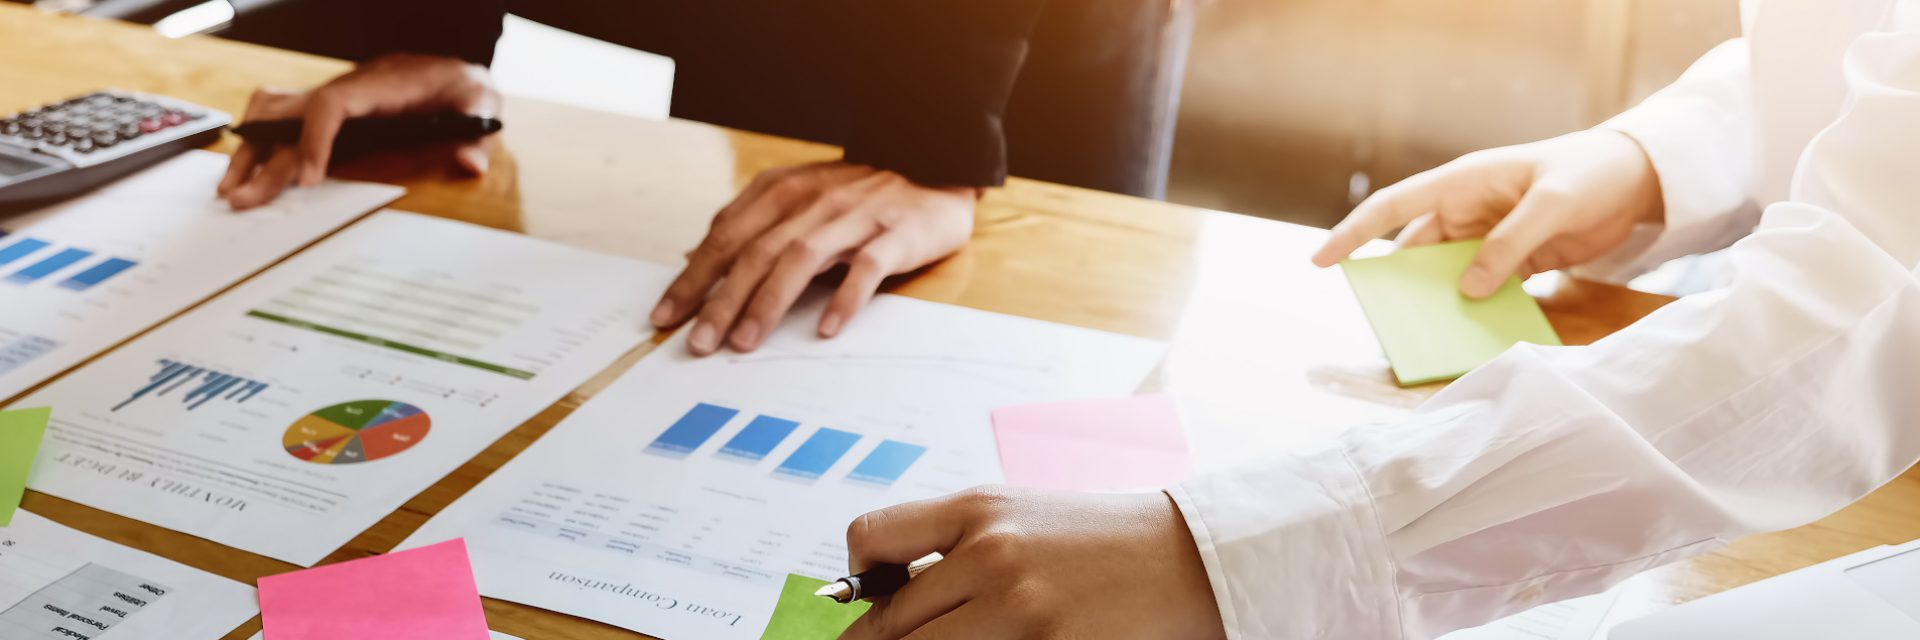 <h2>Brauchen Sie Hilfe bei kritischen HR-Prozessen und -Projekten, Verhandlungen und Abstimmungen?</h2>